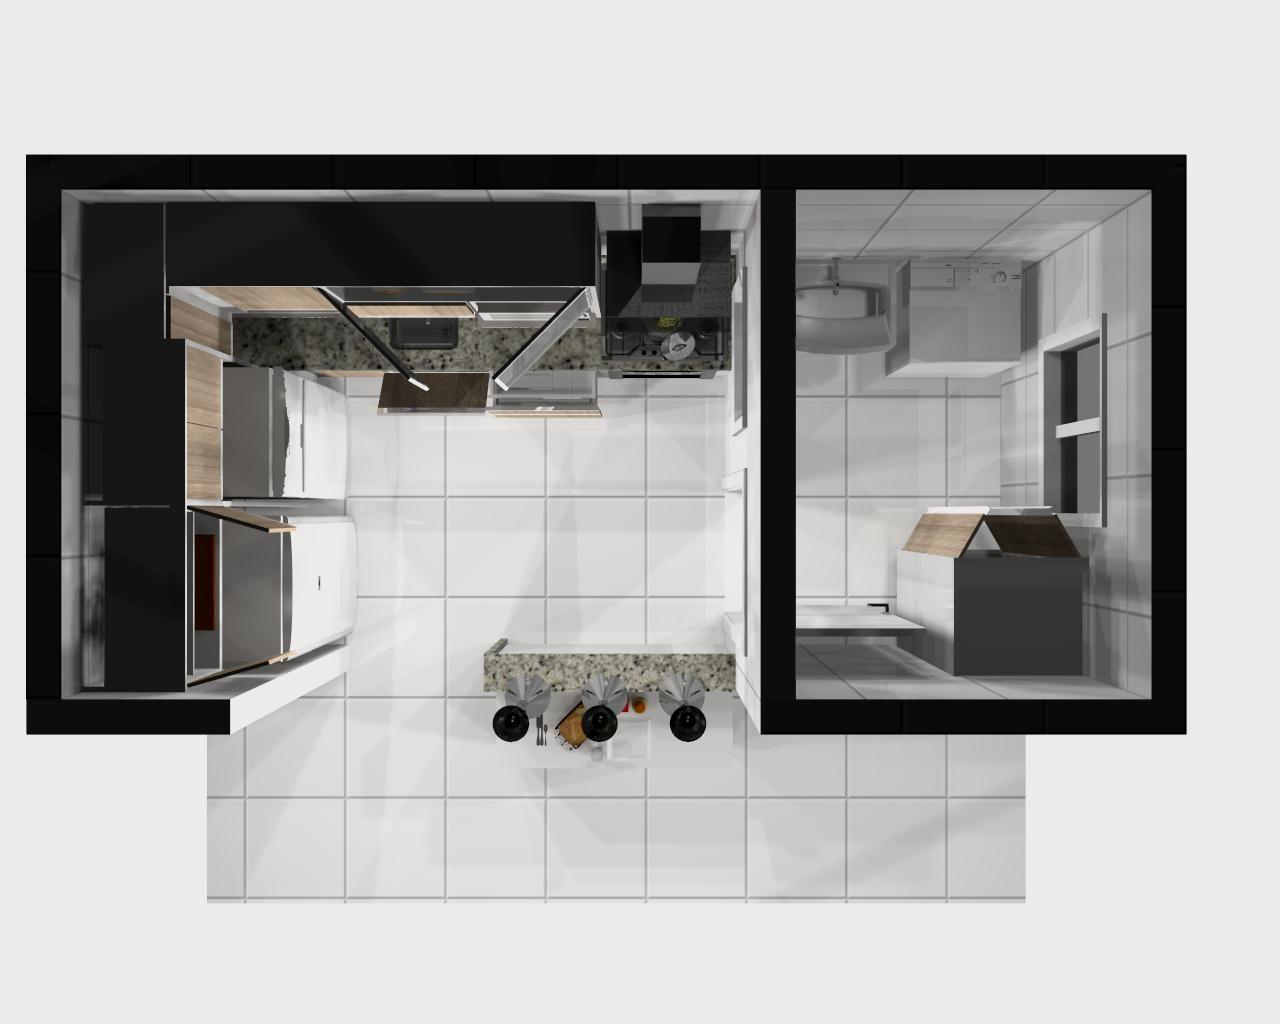 Um estudio de decoracoes.: Cozinha Branca com Teka Barcelona granito  #756656 1280 1024